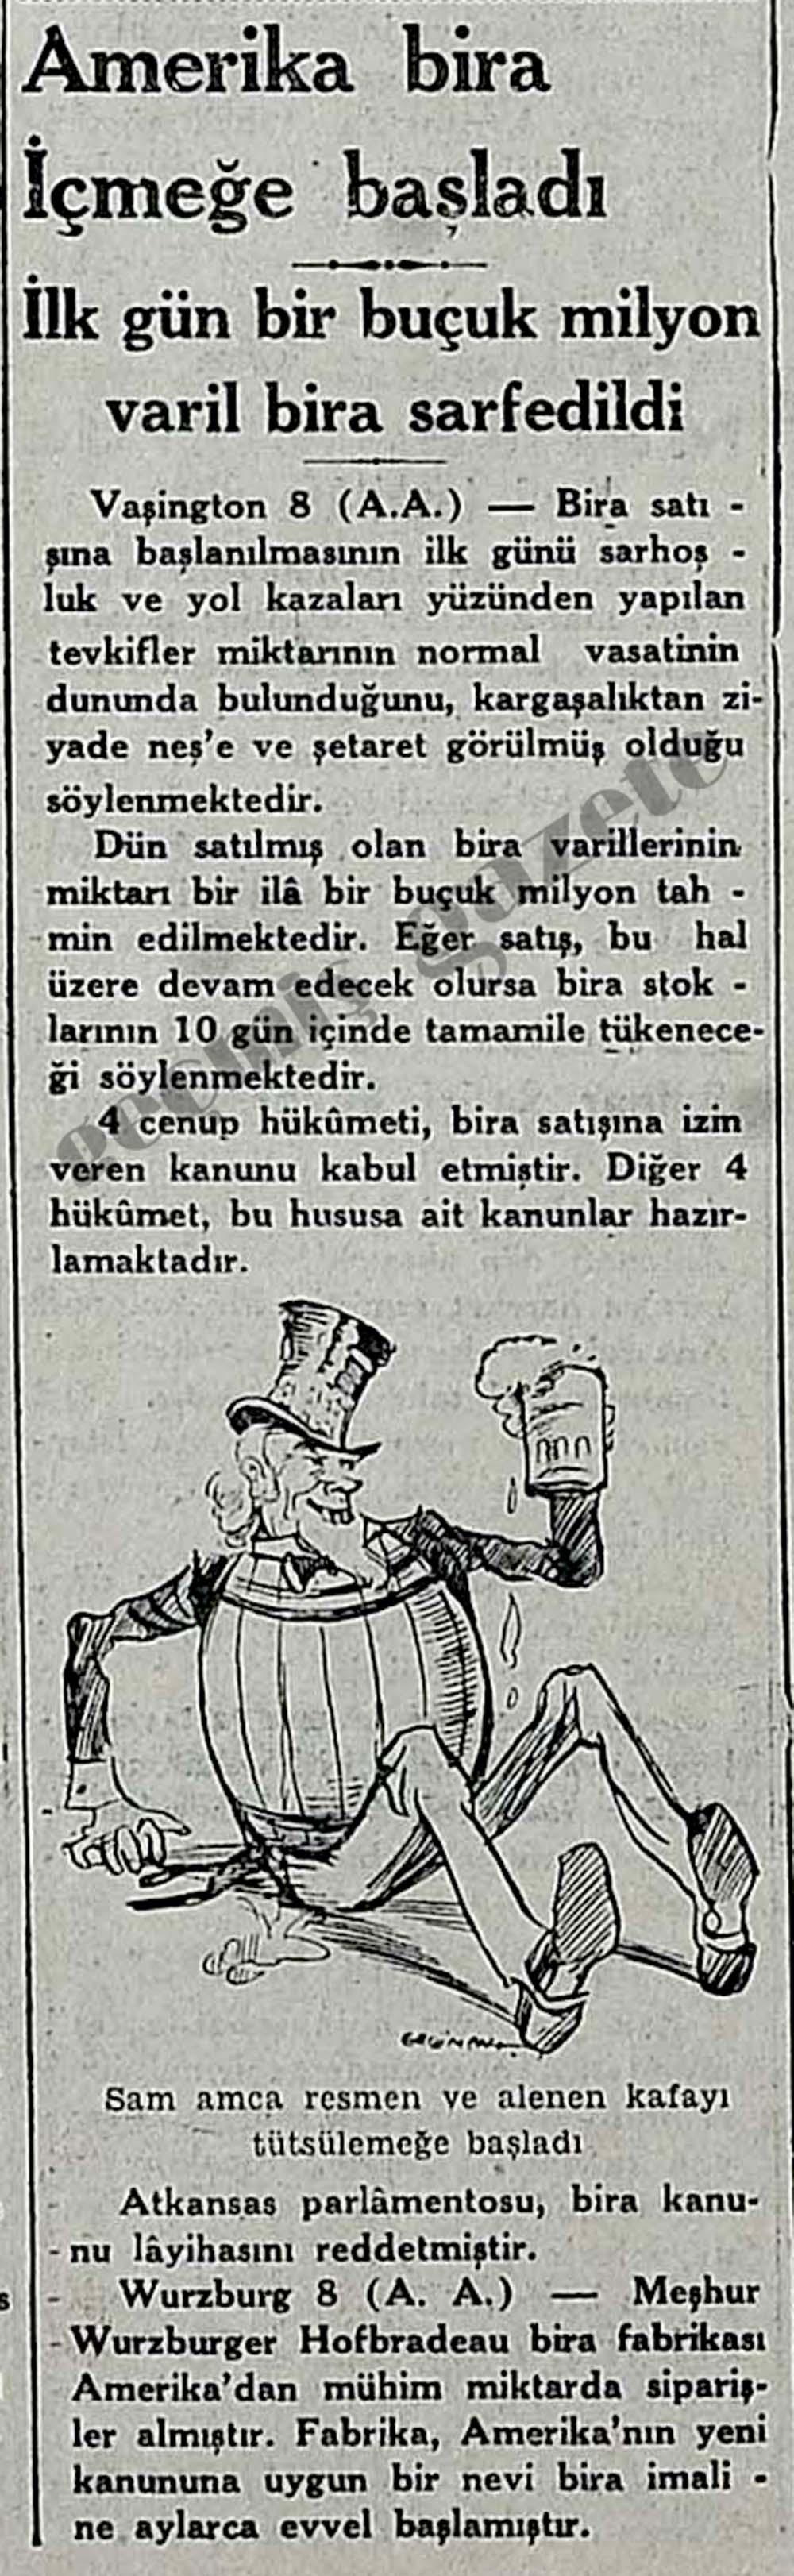 Amerika bira İçmeğe başladı